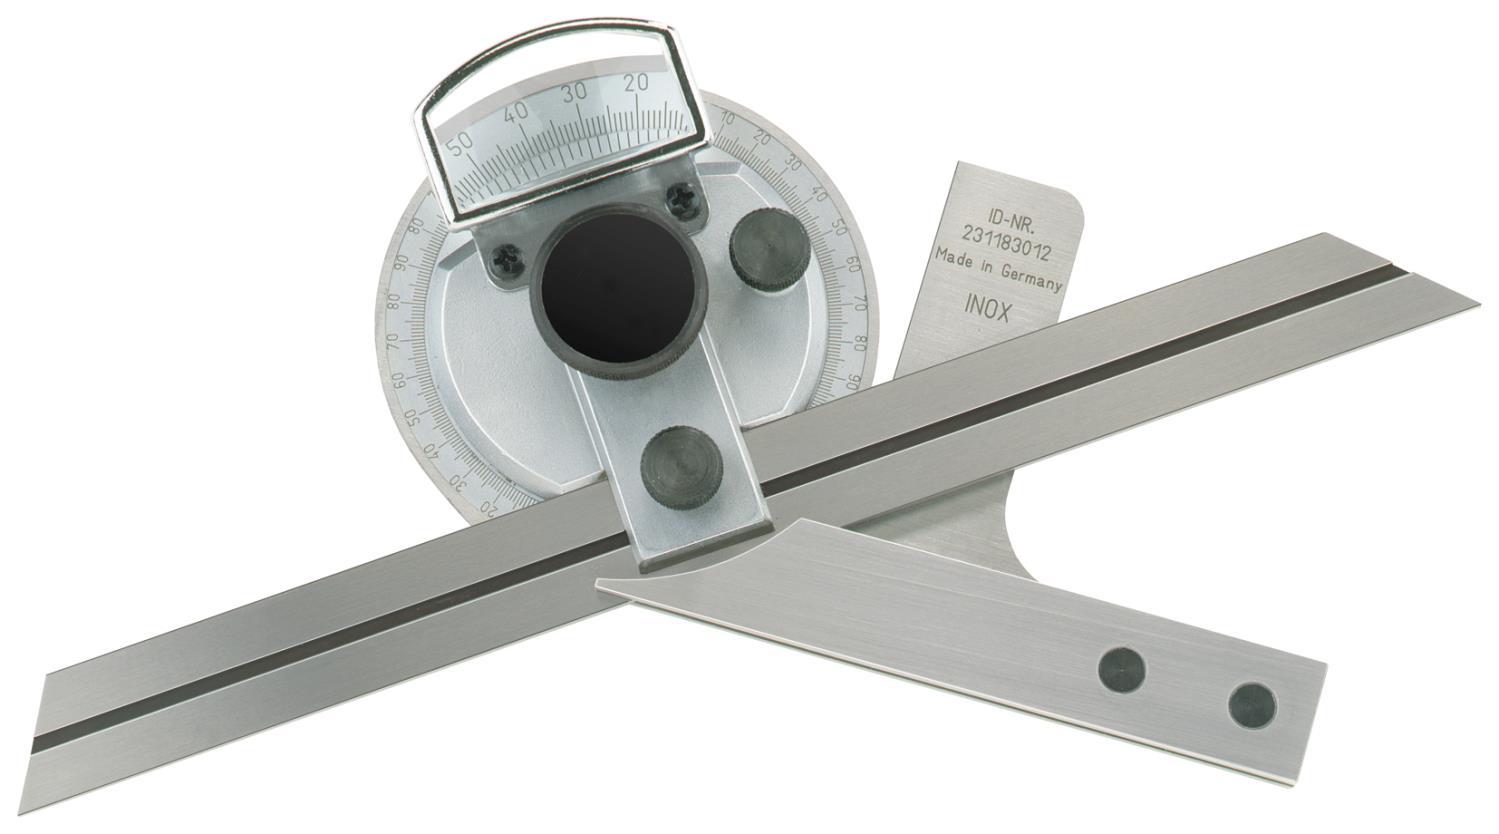 Universal - Winkelmesser Präzisionsausführung mit Feineinstellung 150 mm